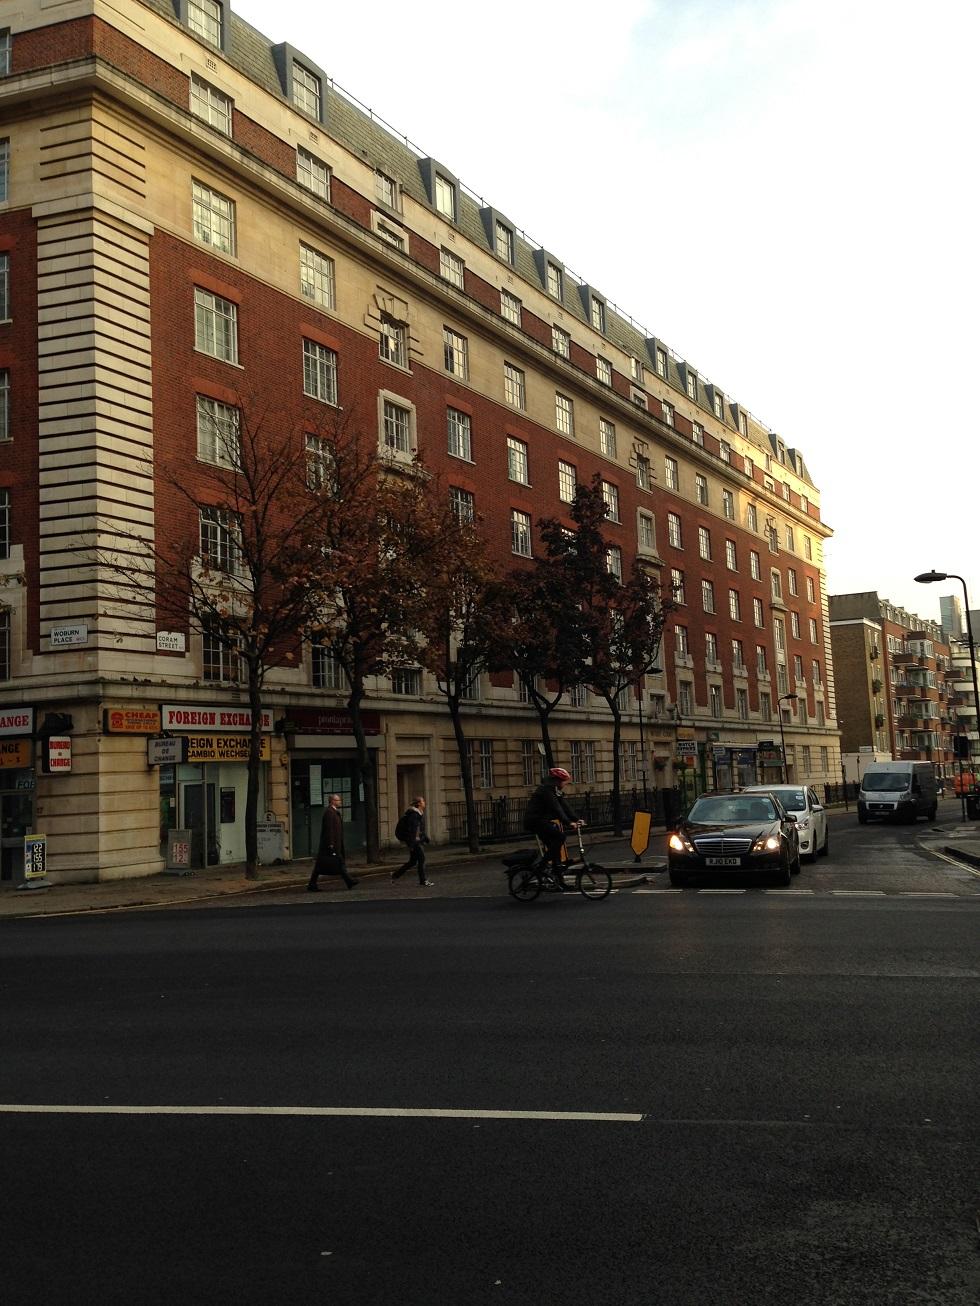 ロンドンの街並み1